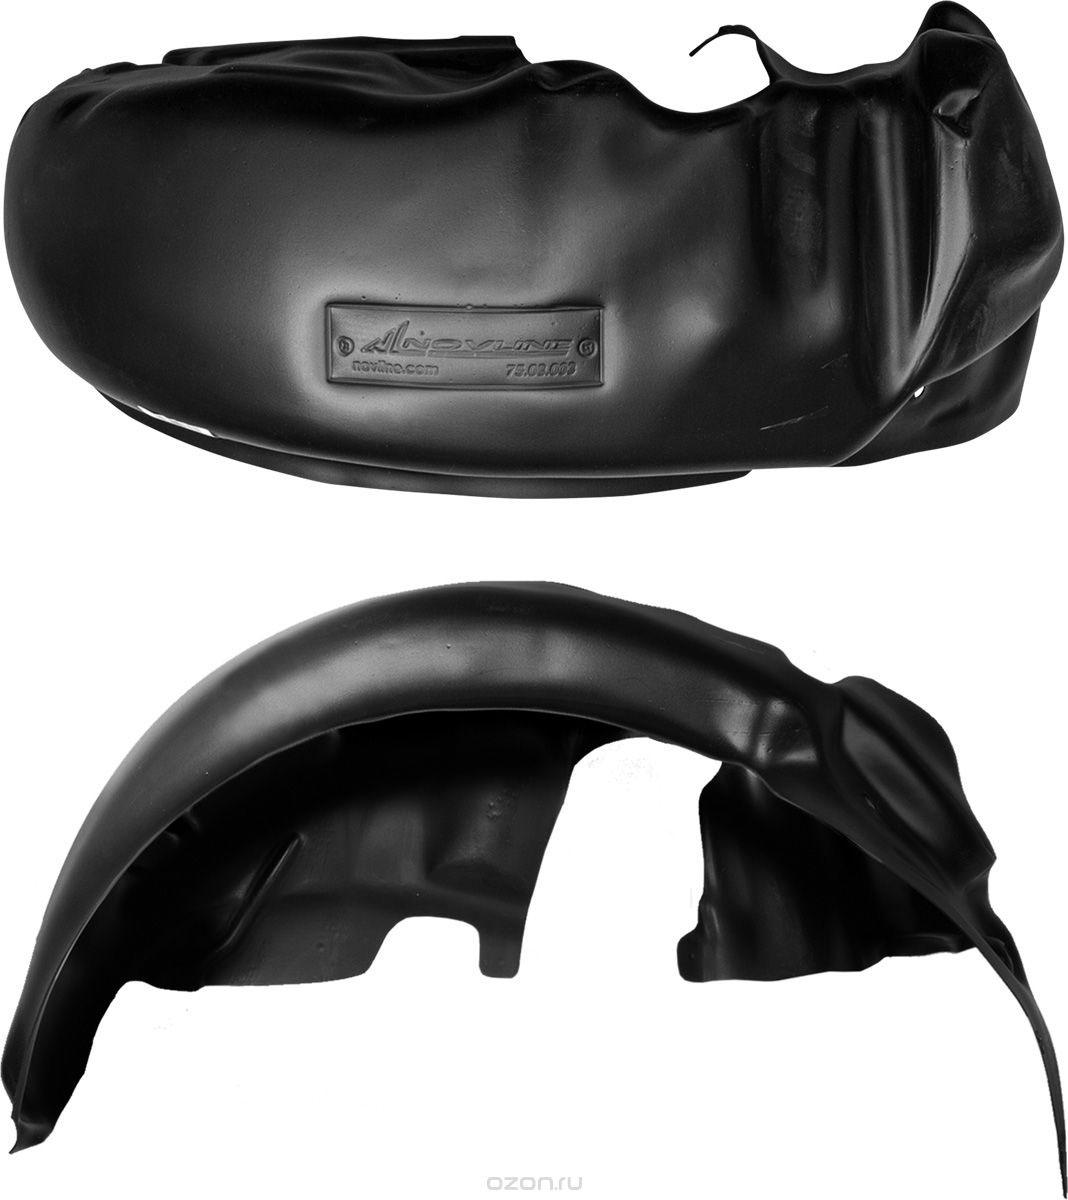 Подкрылок Novline-Autofamily, для CHEVROLET Aveo 2012->,сед, хб., передний левый44005003Идеальная защита колесной ниши. Локеры разработаны с применением цифровых технологий, гарантируют максимальную повторяемость поверхности арки. Изделия устанавливаются без нарушения лакокрасочного покрытия автомобиля, каждый подкрылок комплектуется крепежом. Уважаемые клиенты, обращаем ваше внимание, что фотографии на подкрылки универсальные и не отражают реальную форму изделия. При этом само изделие идет точно под размер указанного автомобиля.